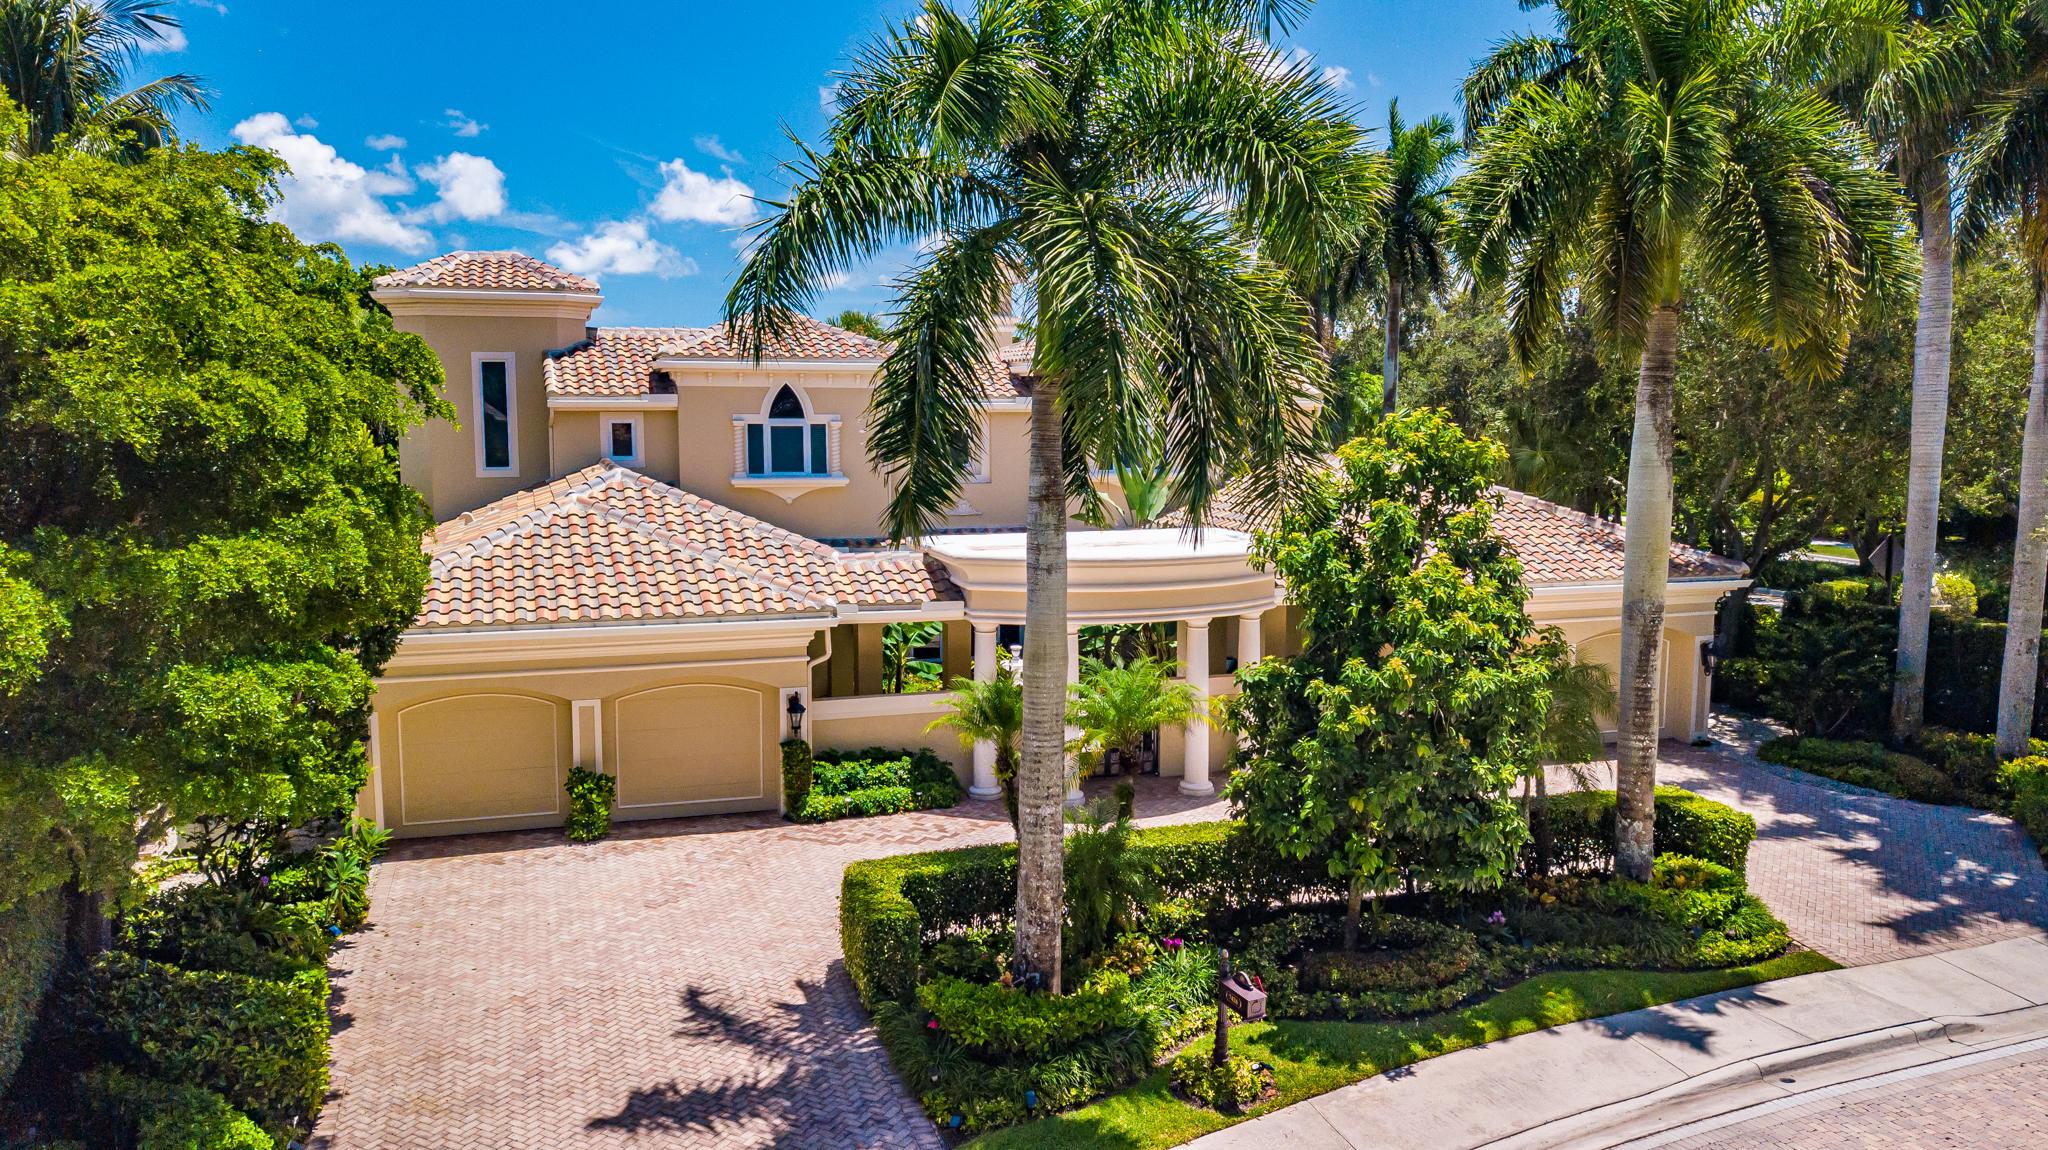 Photo of 7426 Floranada Way, Delray Beach, FL 33446